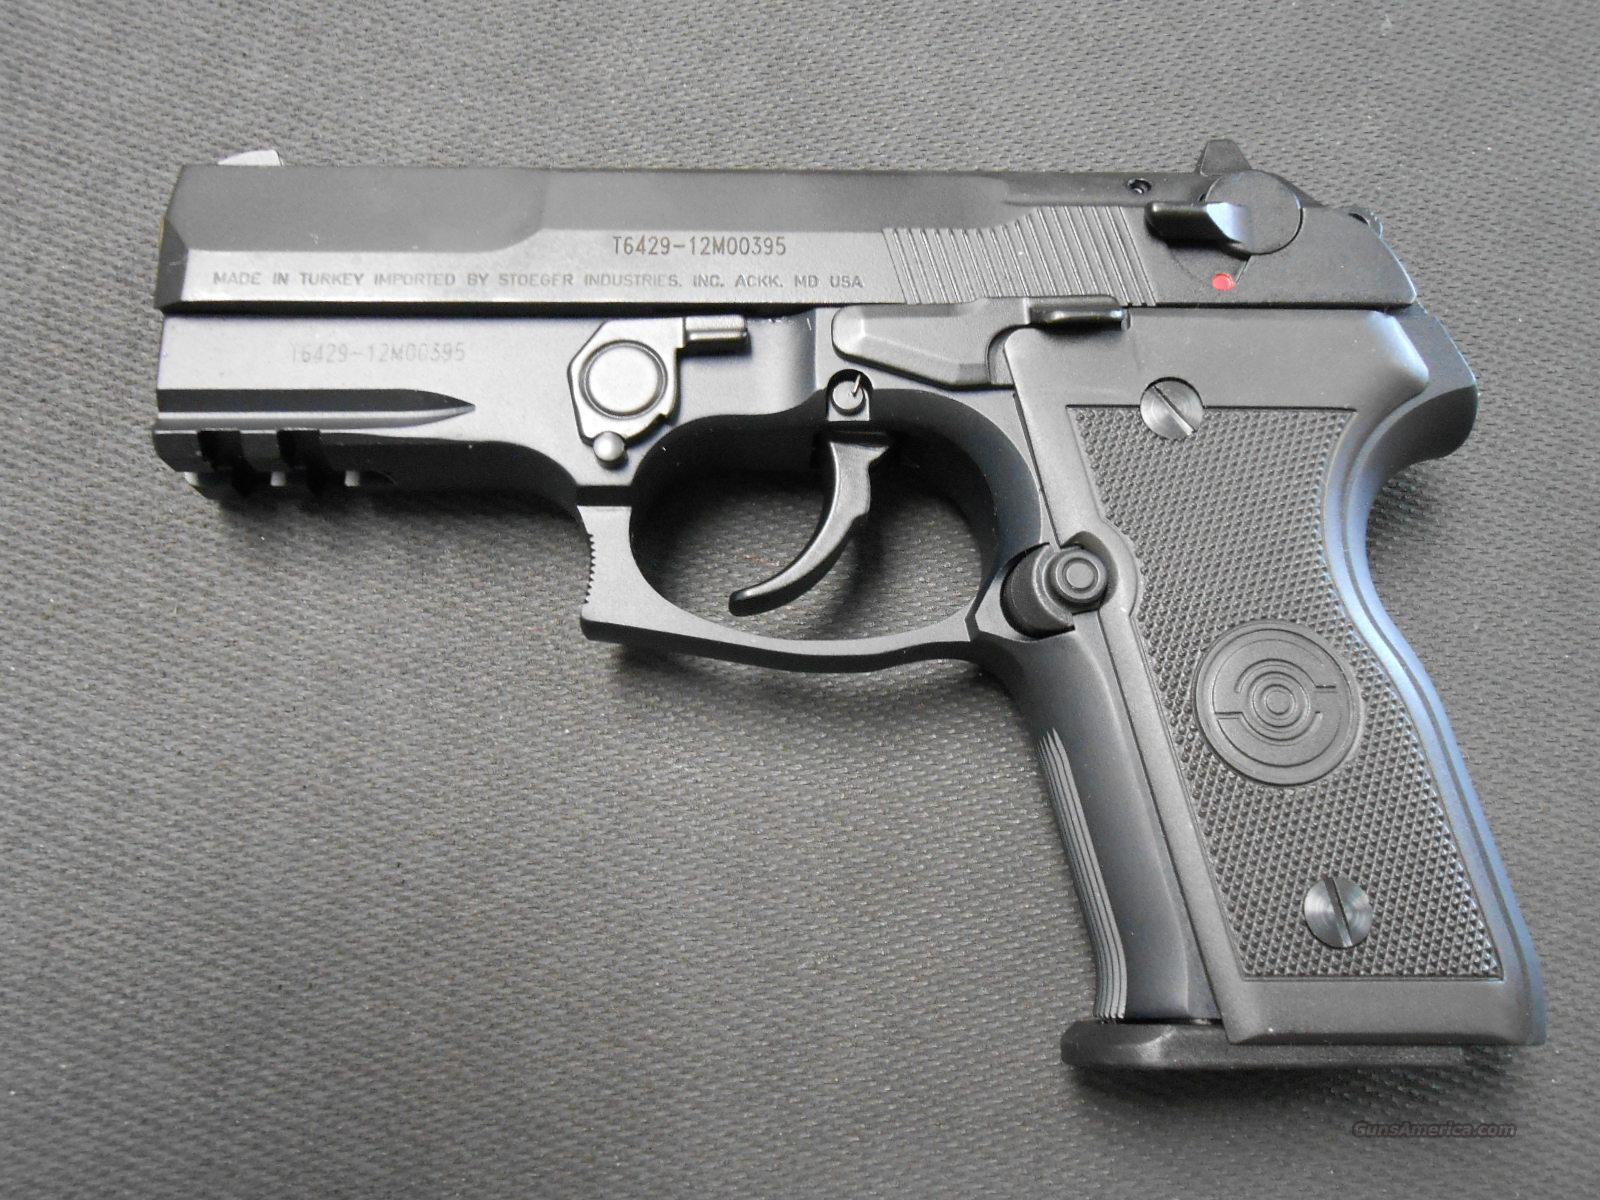 Stoeger cougar 9mm compact 31716 nib guns gt pistols gt tactical